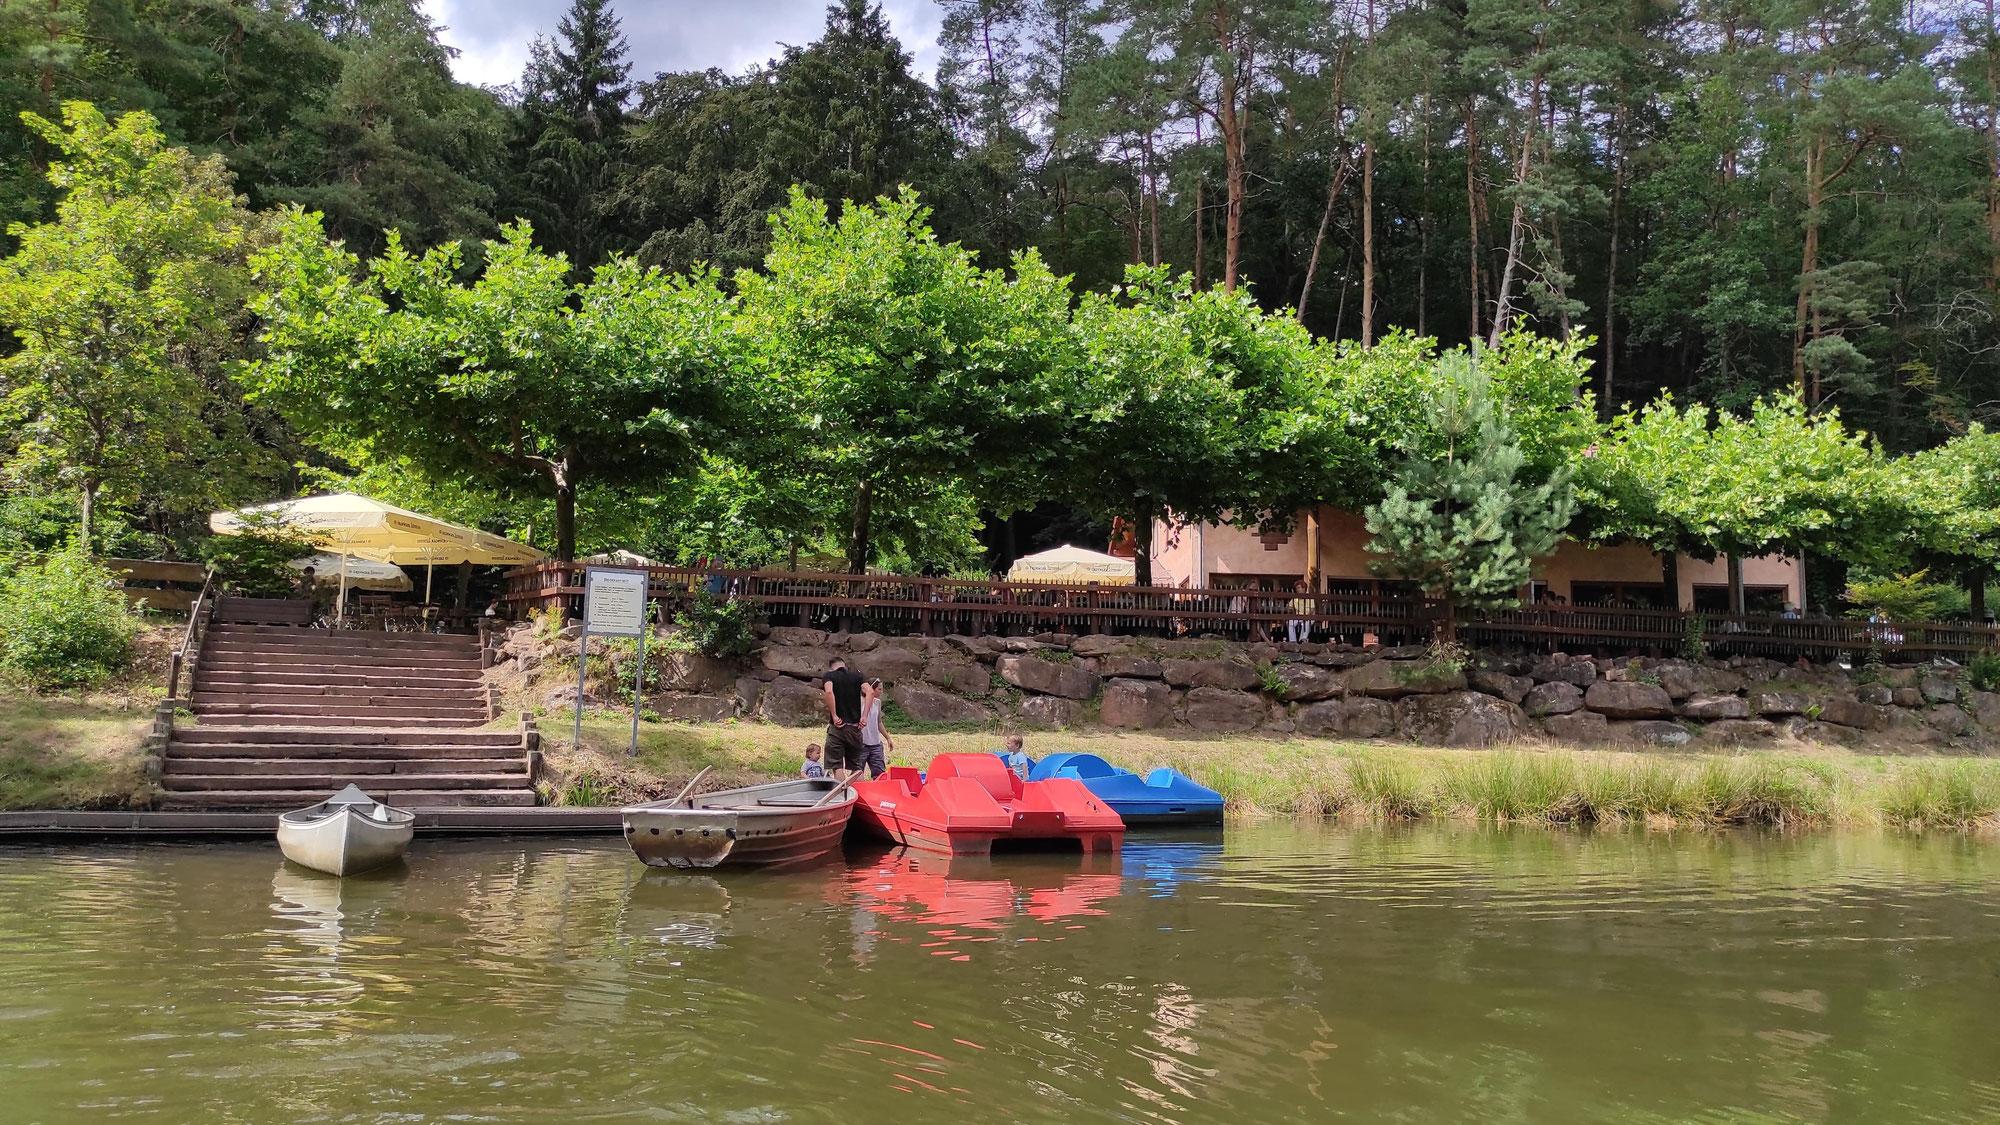 Paddelweiher in Hauenstein